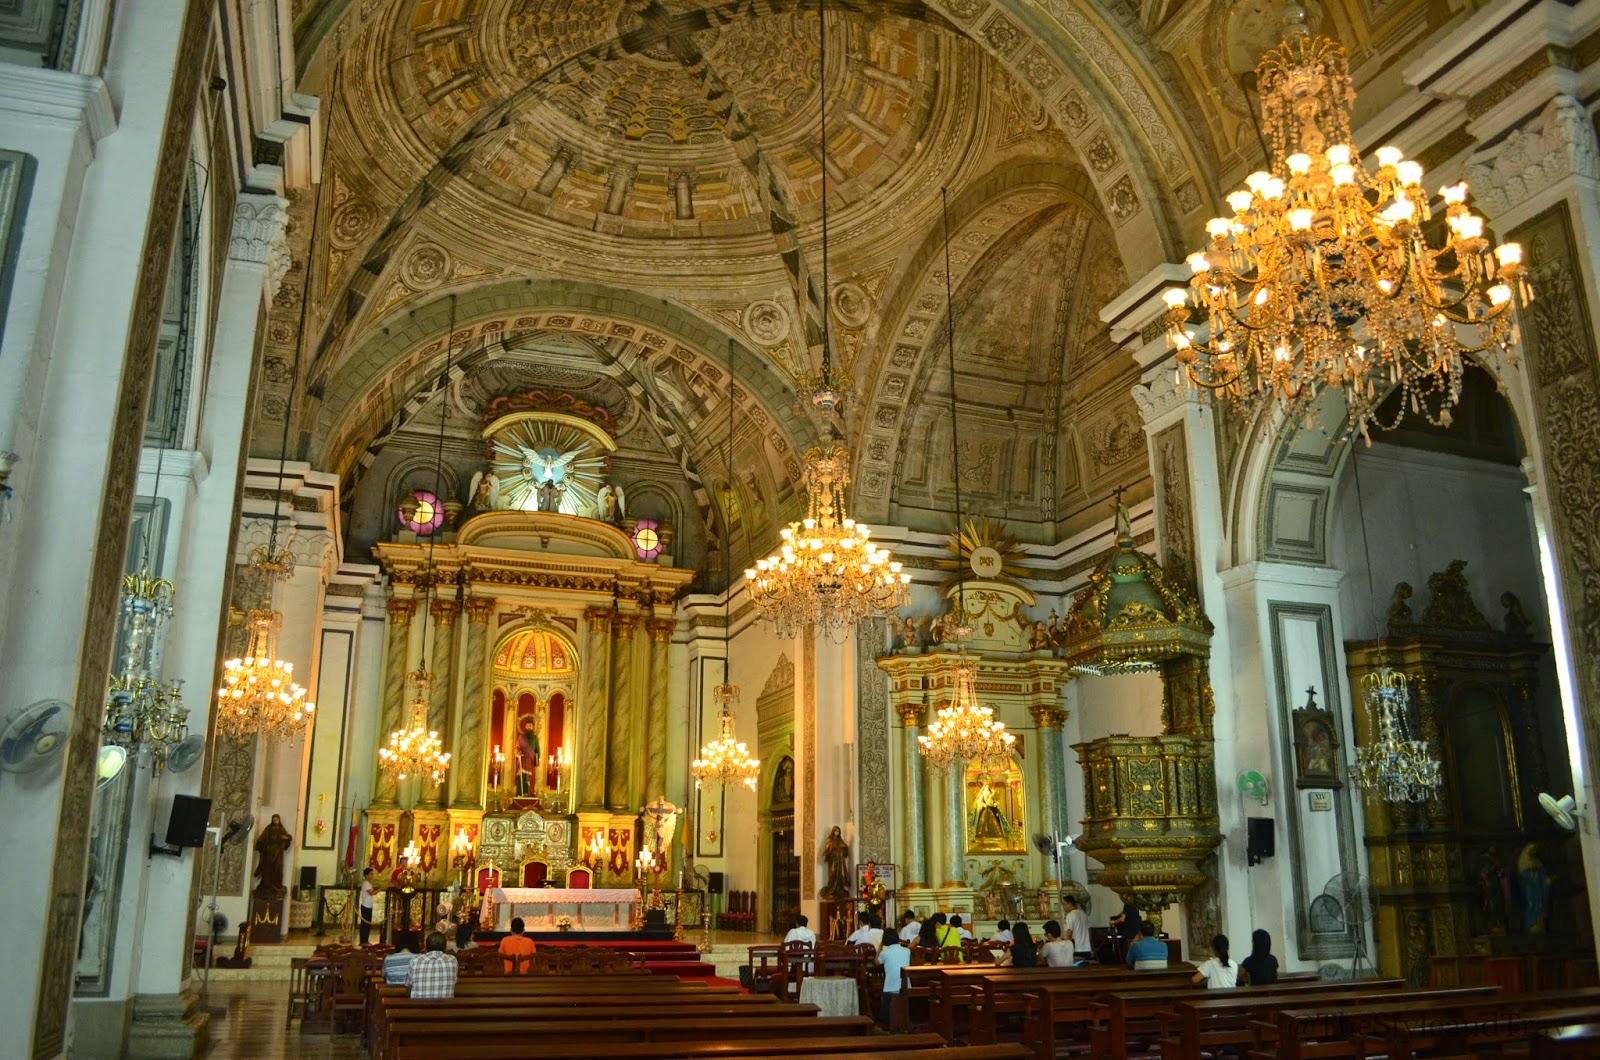 マニラのサン・アグスチン教会の天井や壁に施されているのは彫刻に見えるトロンプ・ルイユ(だまし絵)